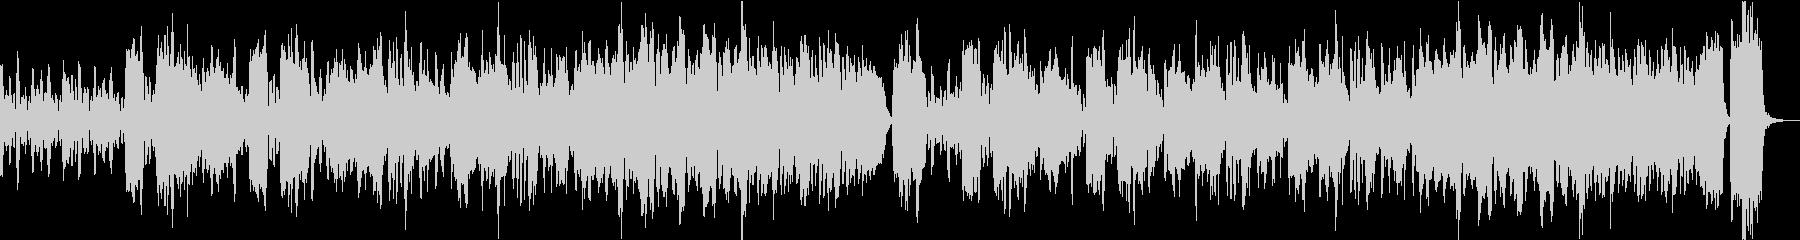 チェンバロが入ったオーケストラ系のほの…の未再生の波形